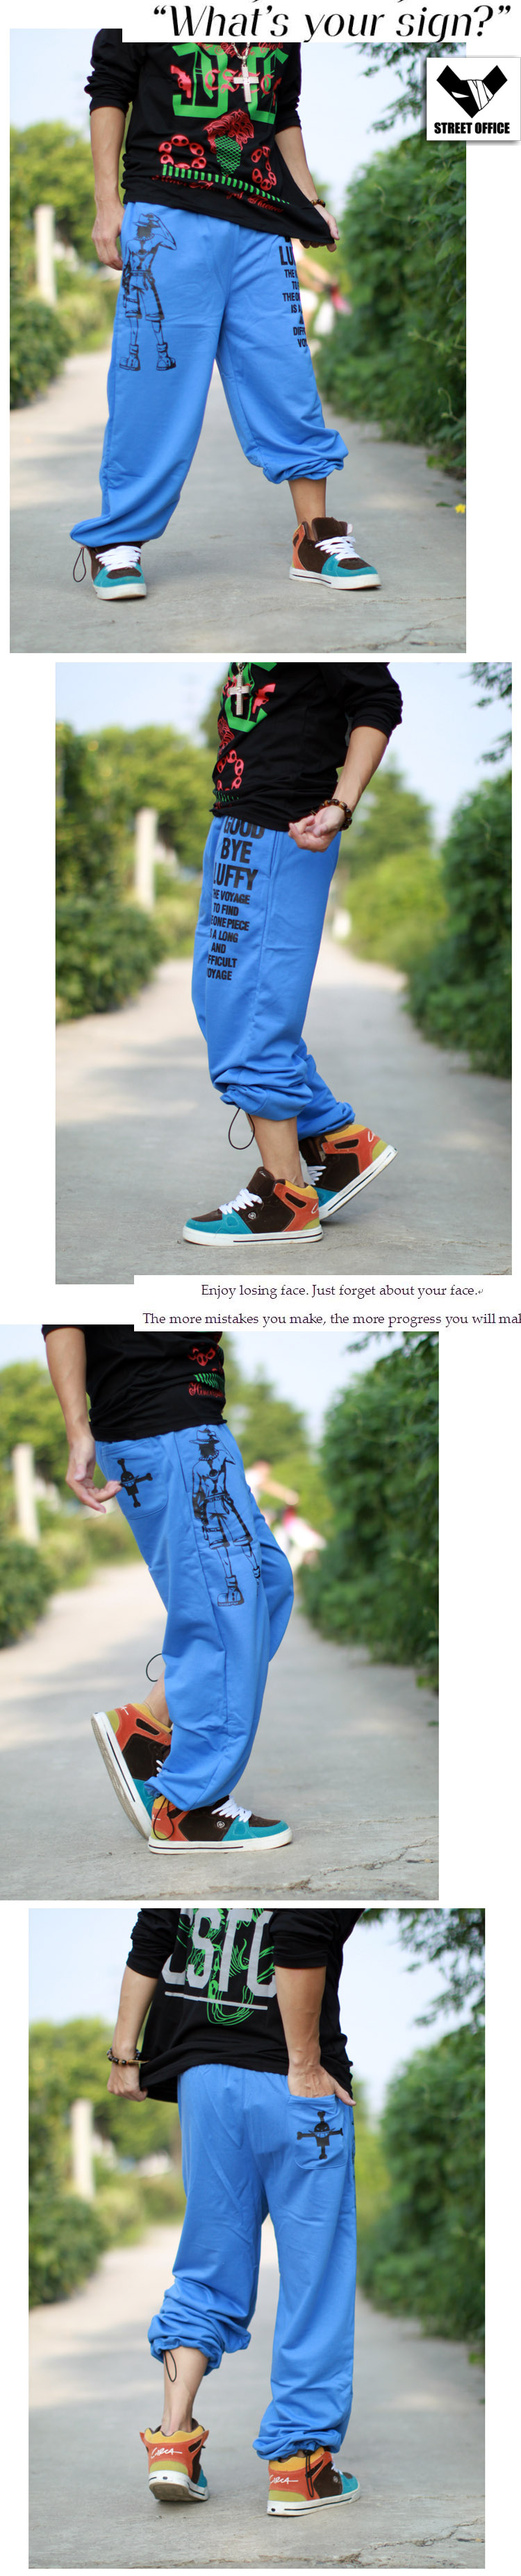 Мужские весенние тонкие спортивные штаны для бега, повседневные штаны в стиле хип-хоп, свободные штаны в стиле хип-хоп, уличные танцы, шаровары для мужчин размера плюс 5xl